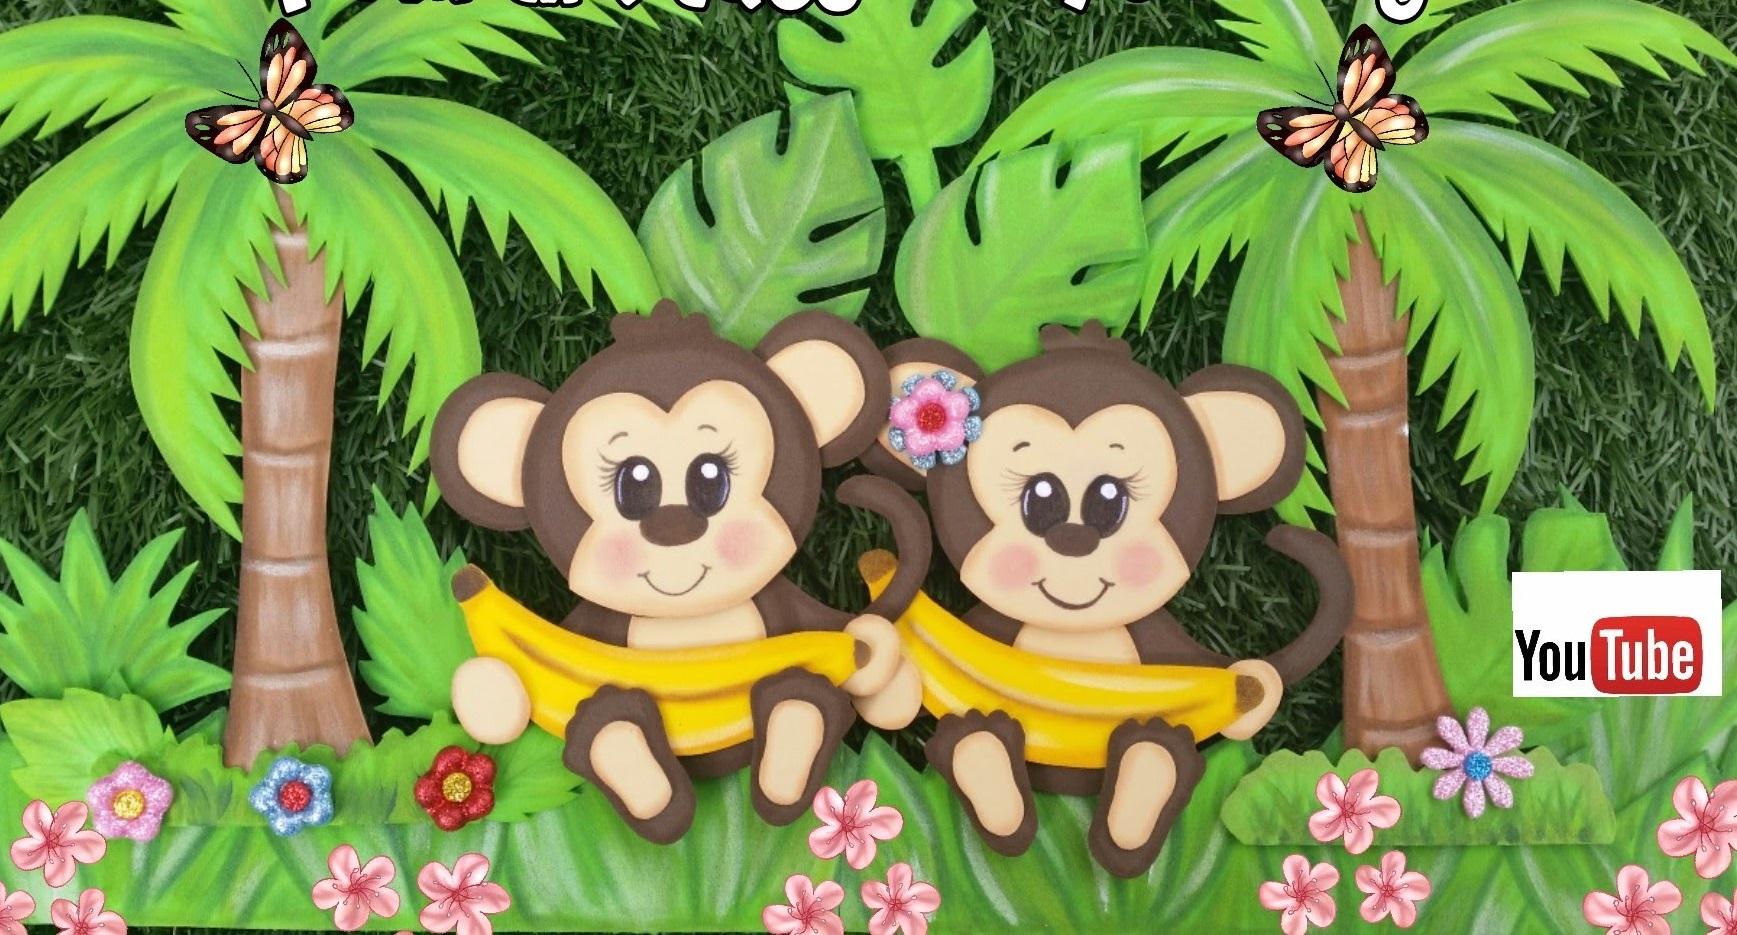 Haz tu propio safari con este changuito de Goma eva